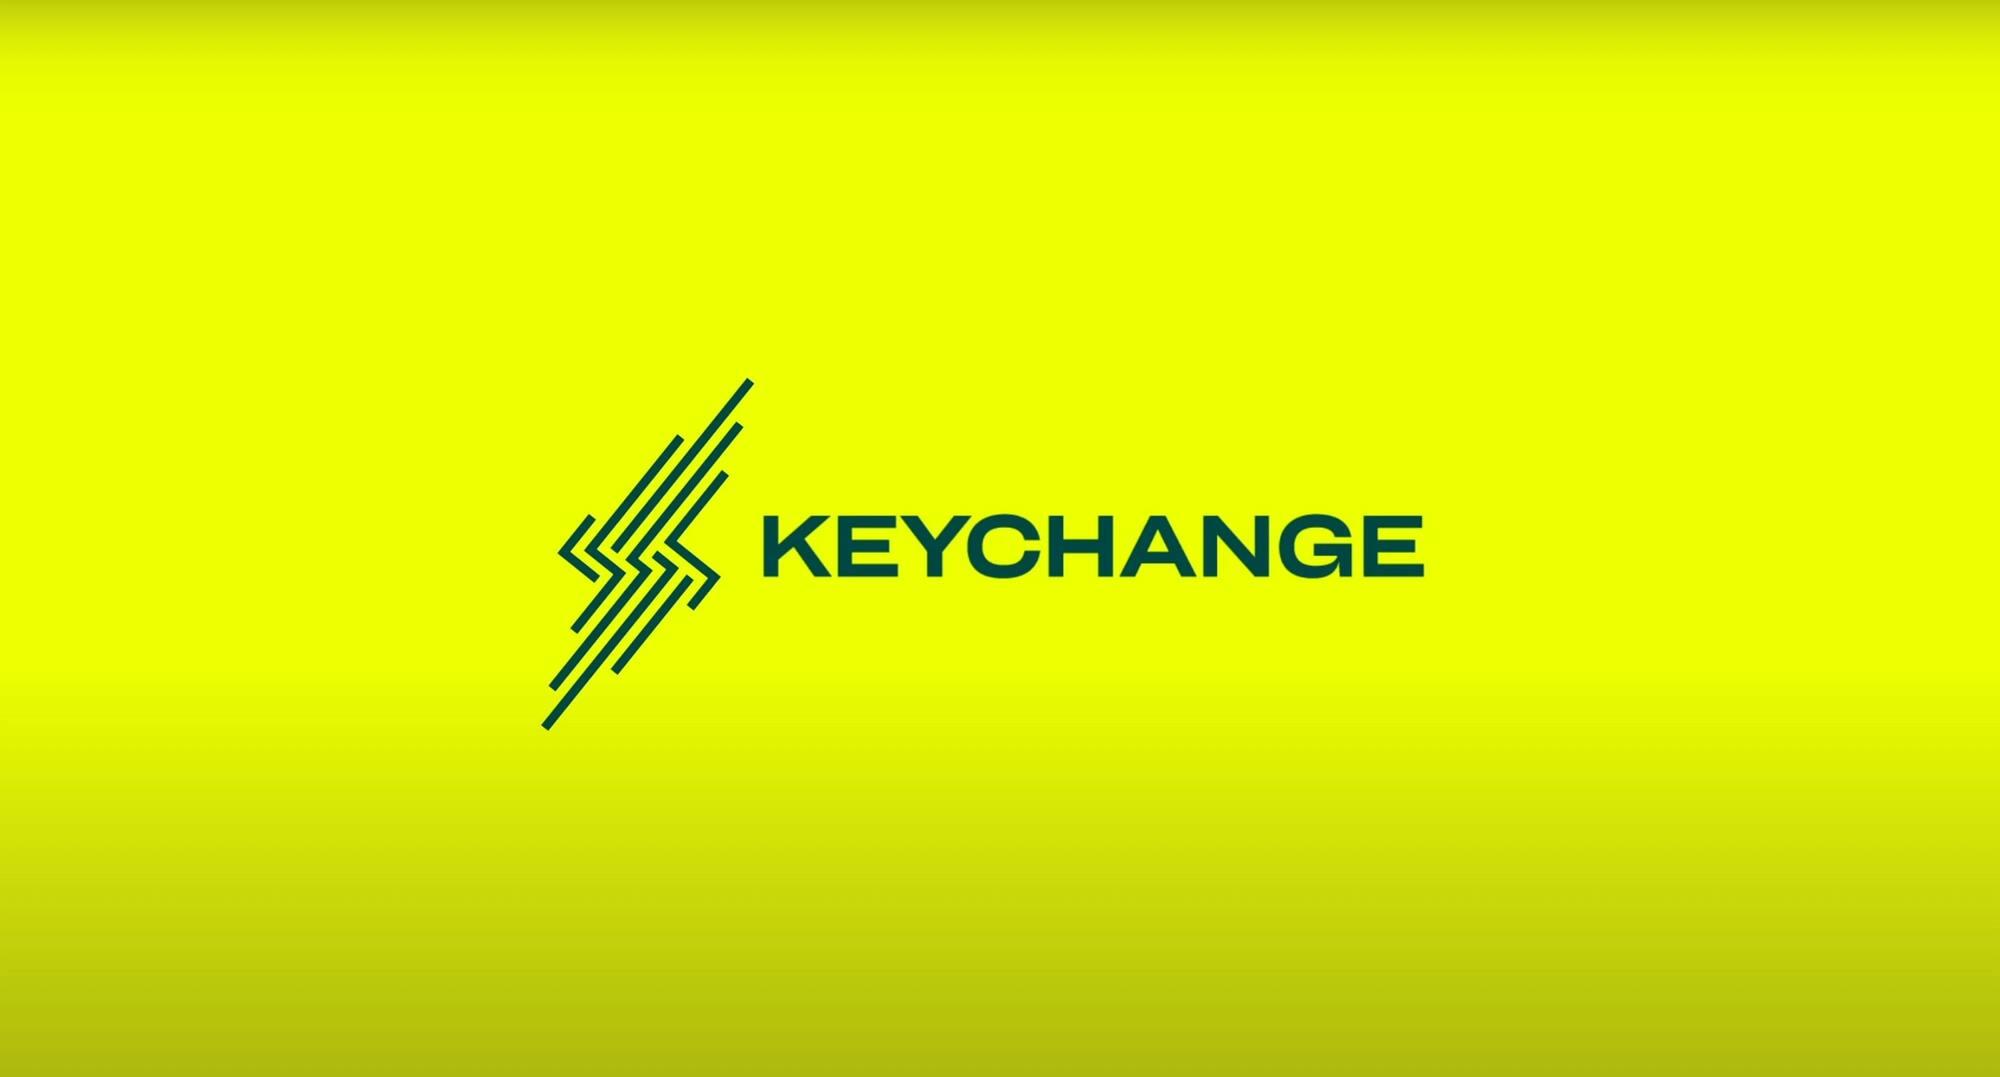 Keychange Trailer